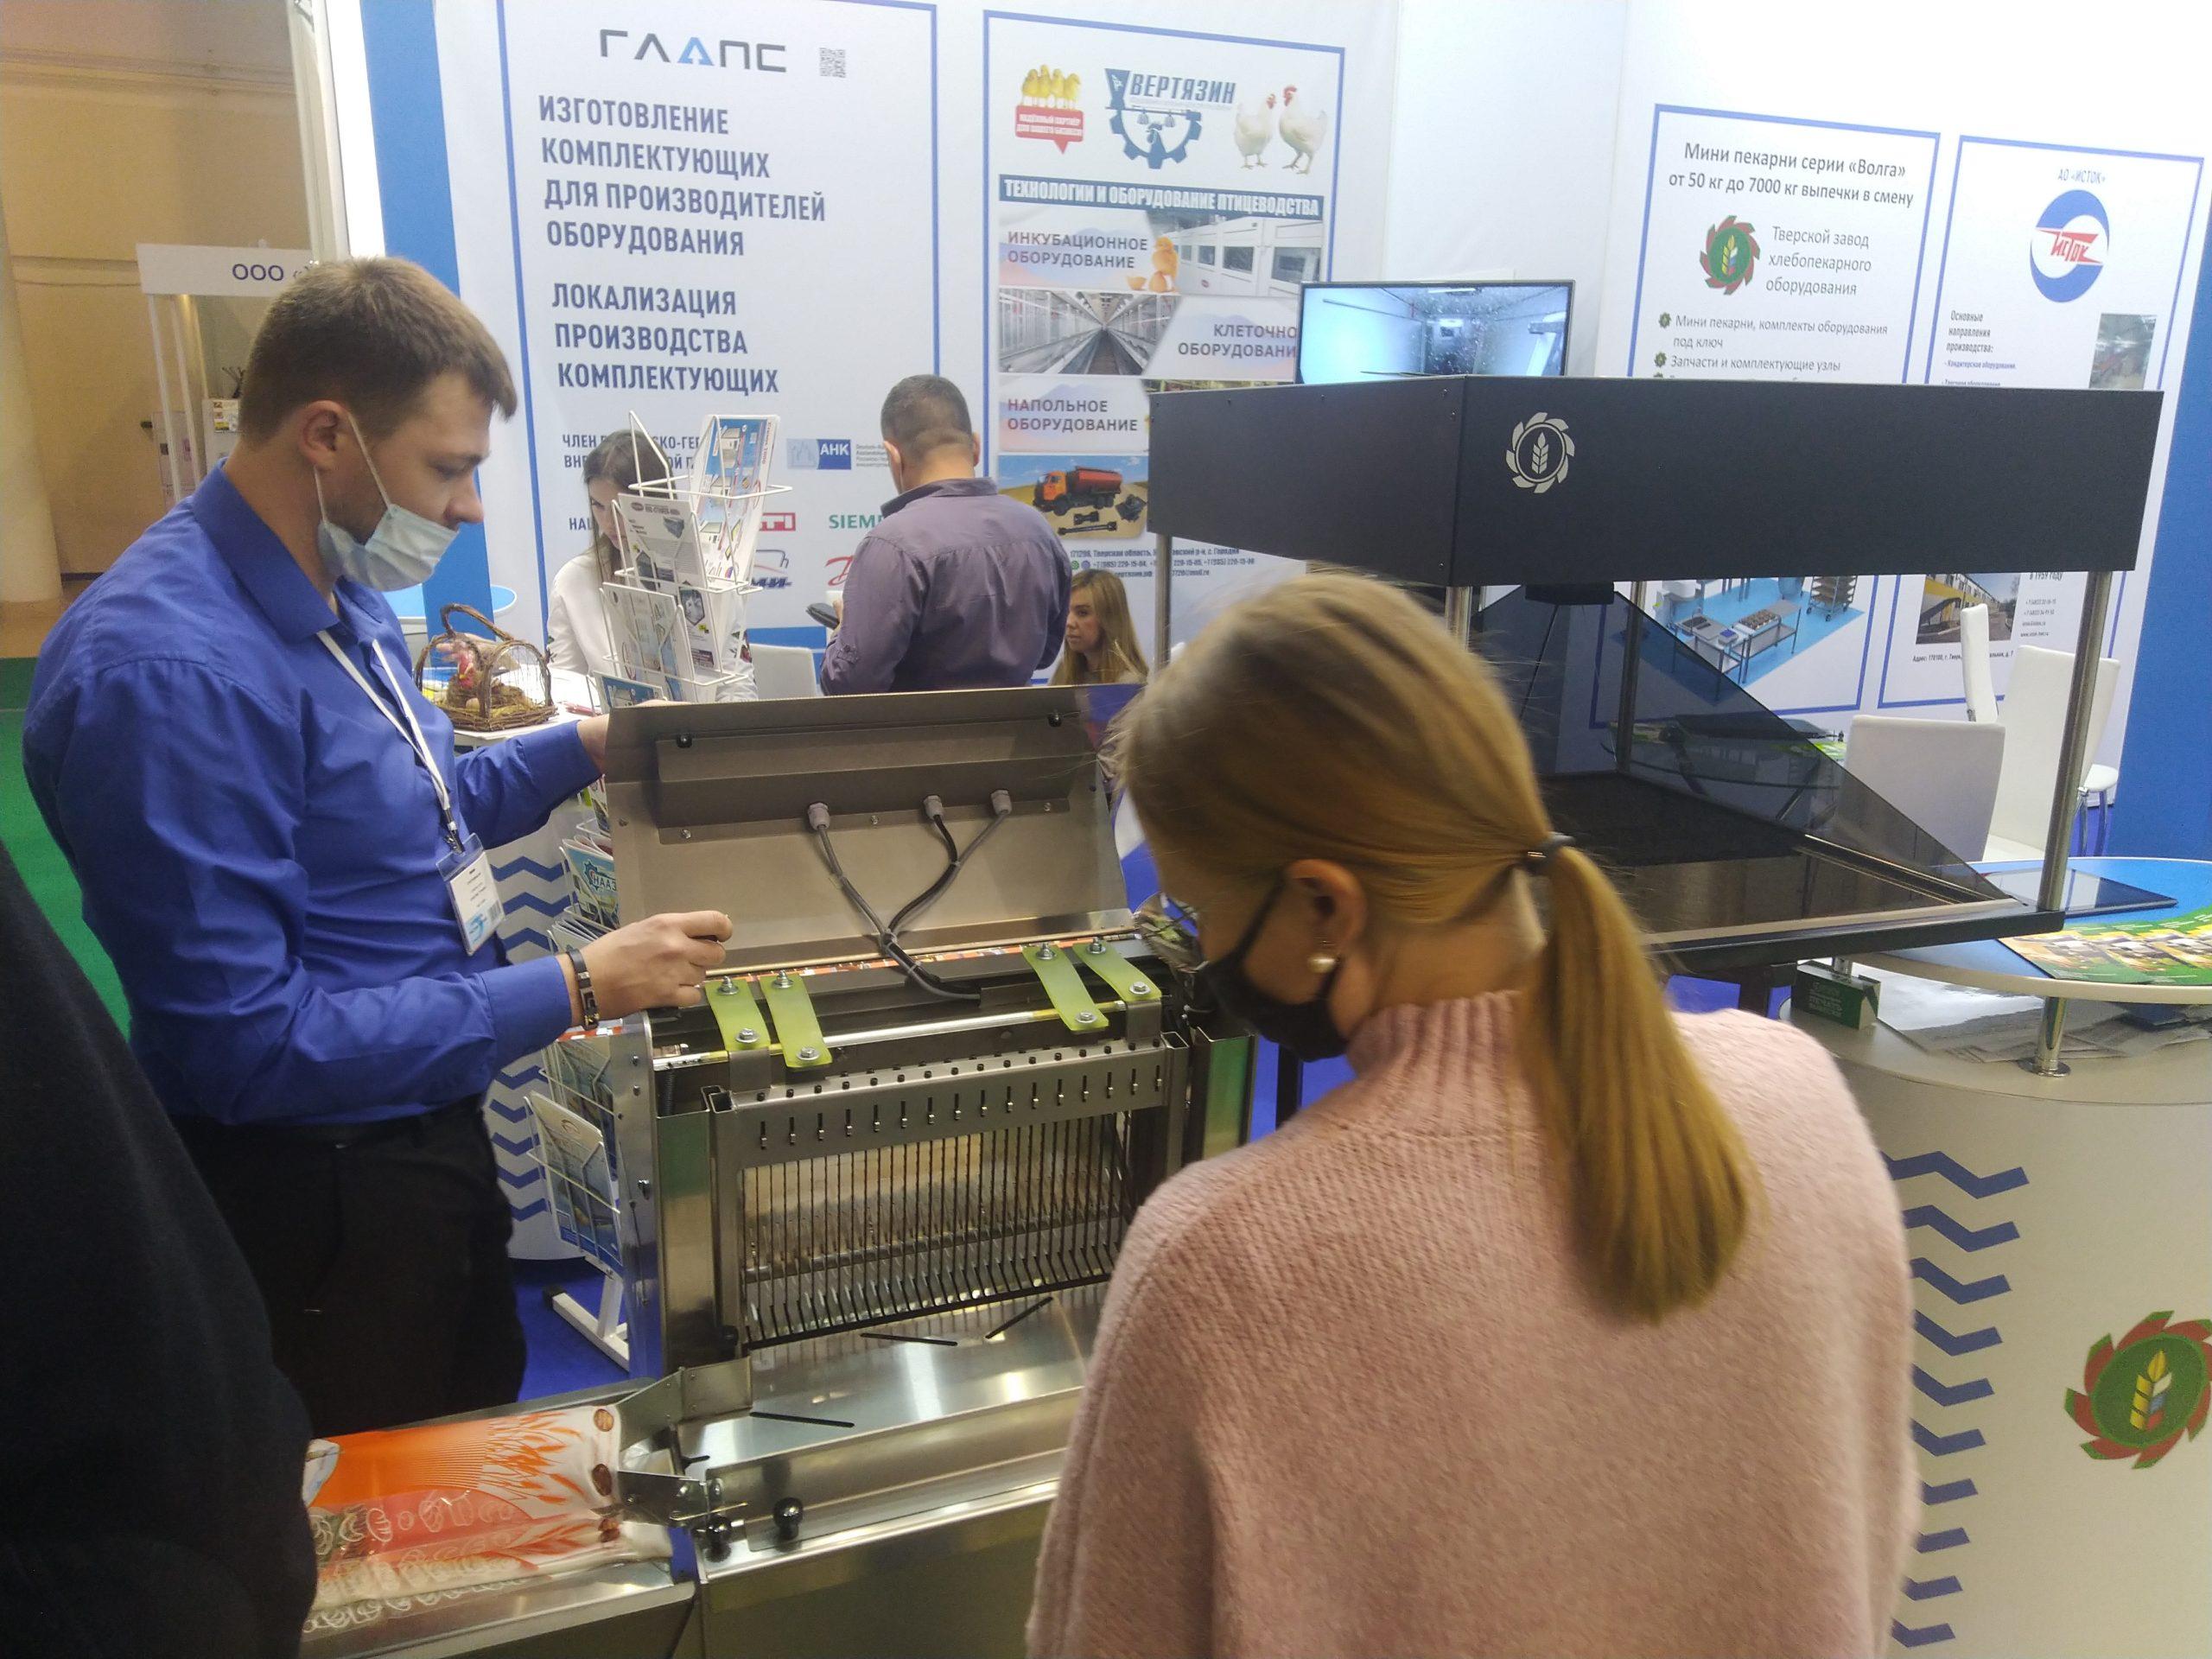 Хлеборезательная машина Агро-Слайсер демонстрация работы - АгроПродМаш 2020